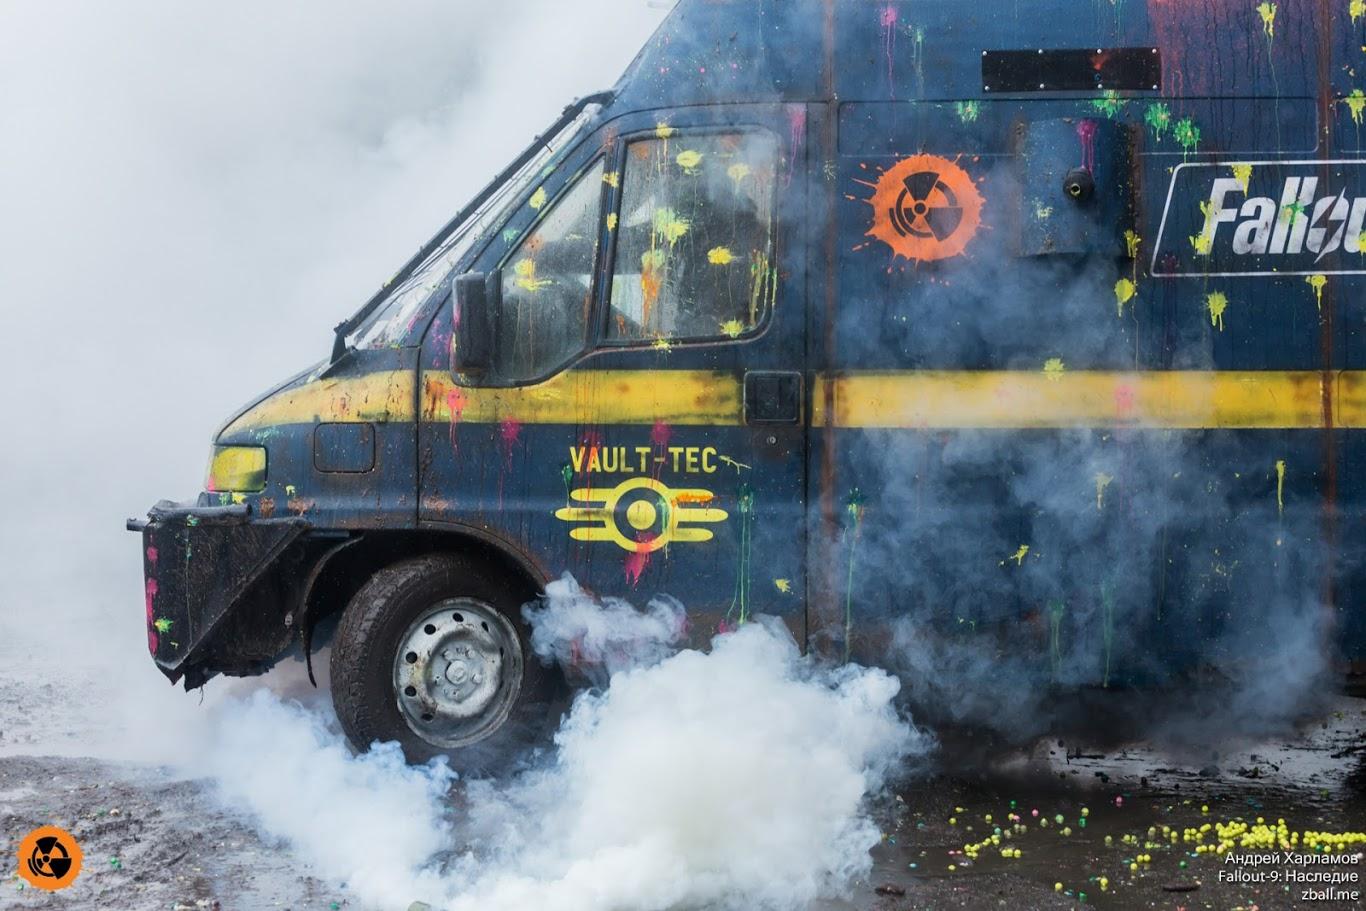 Техника, гранаты, гранатометы, дымы - важные составляющие сценарки